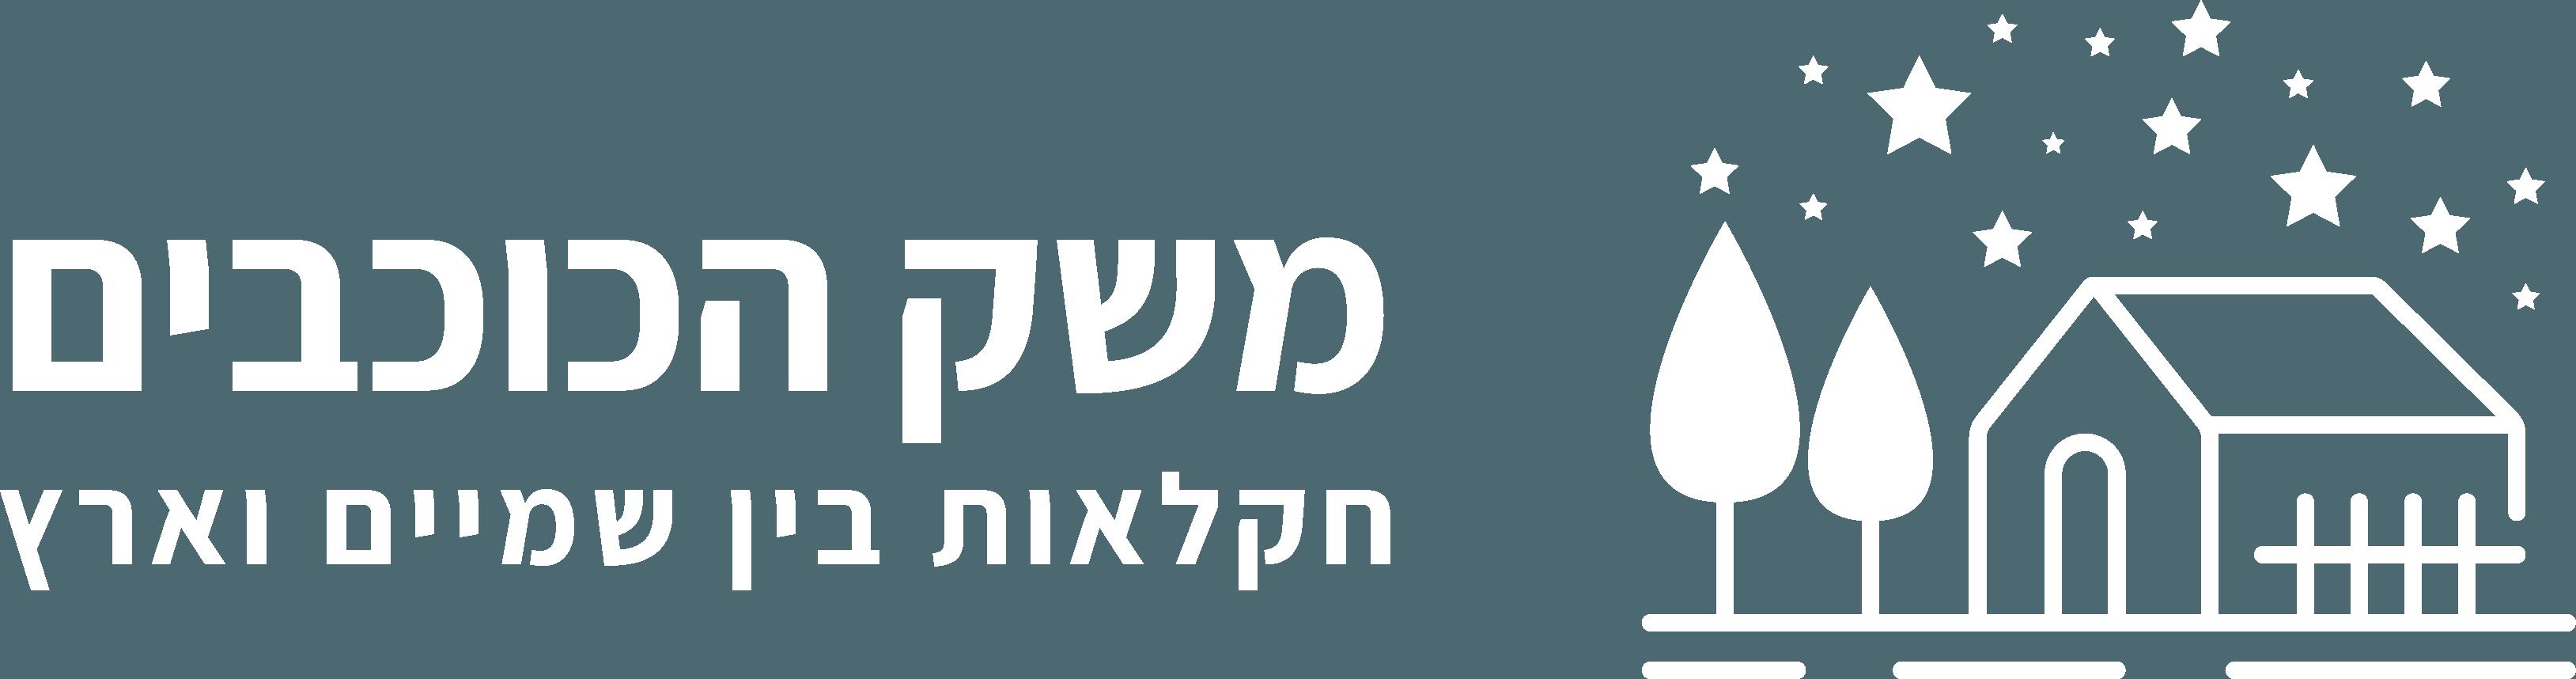 לוגו משק הכוכבים - לבן